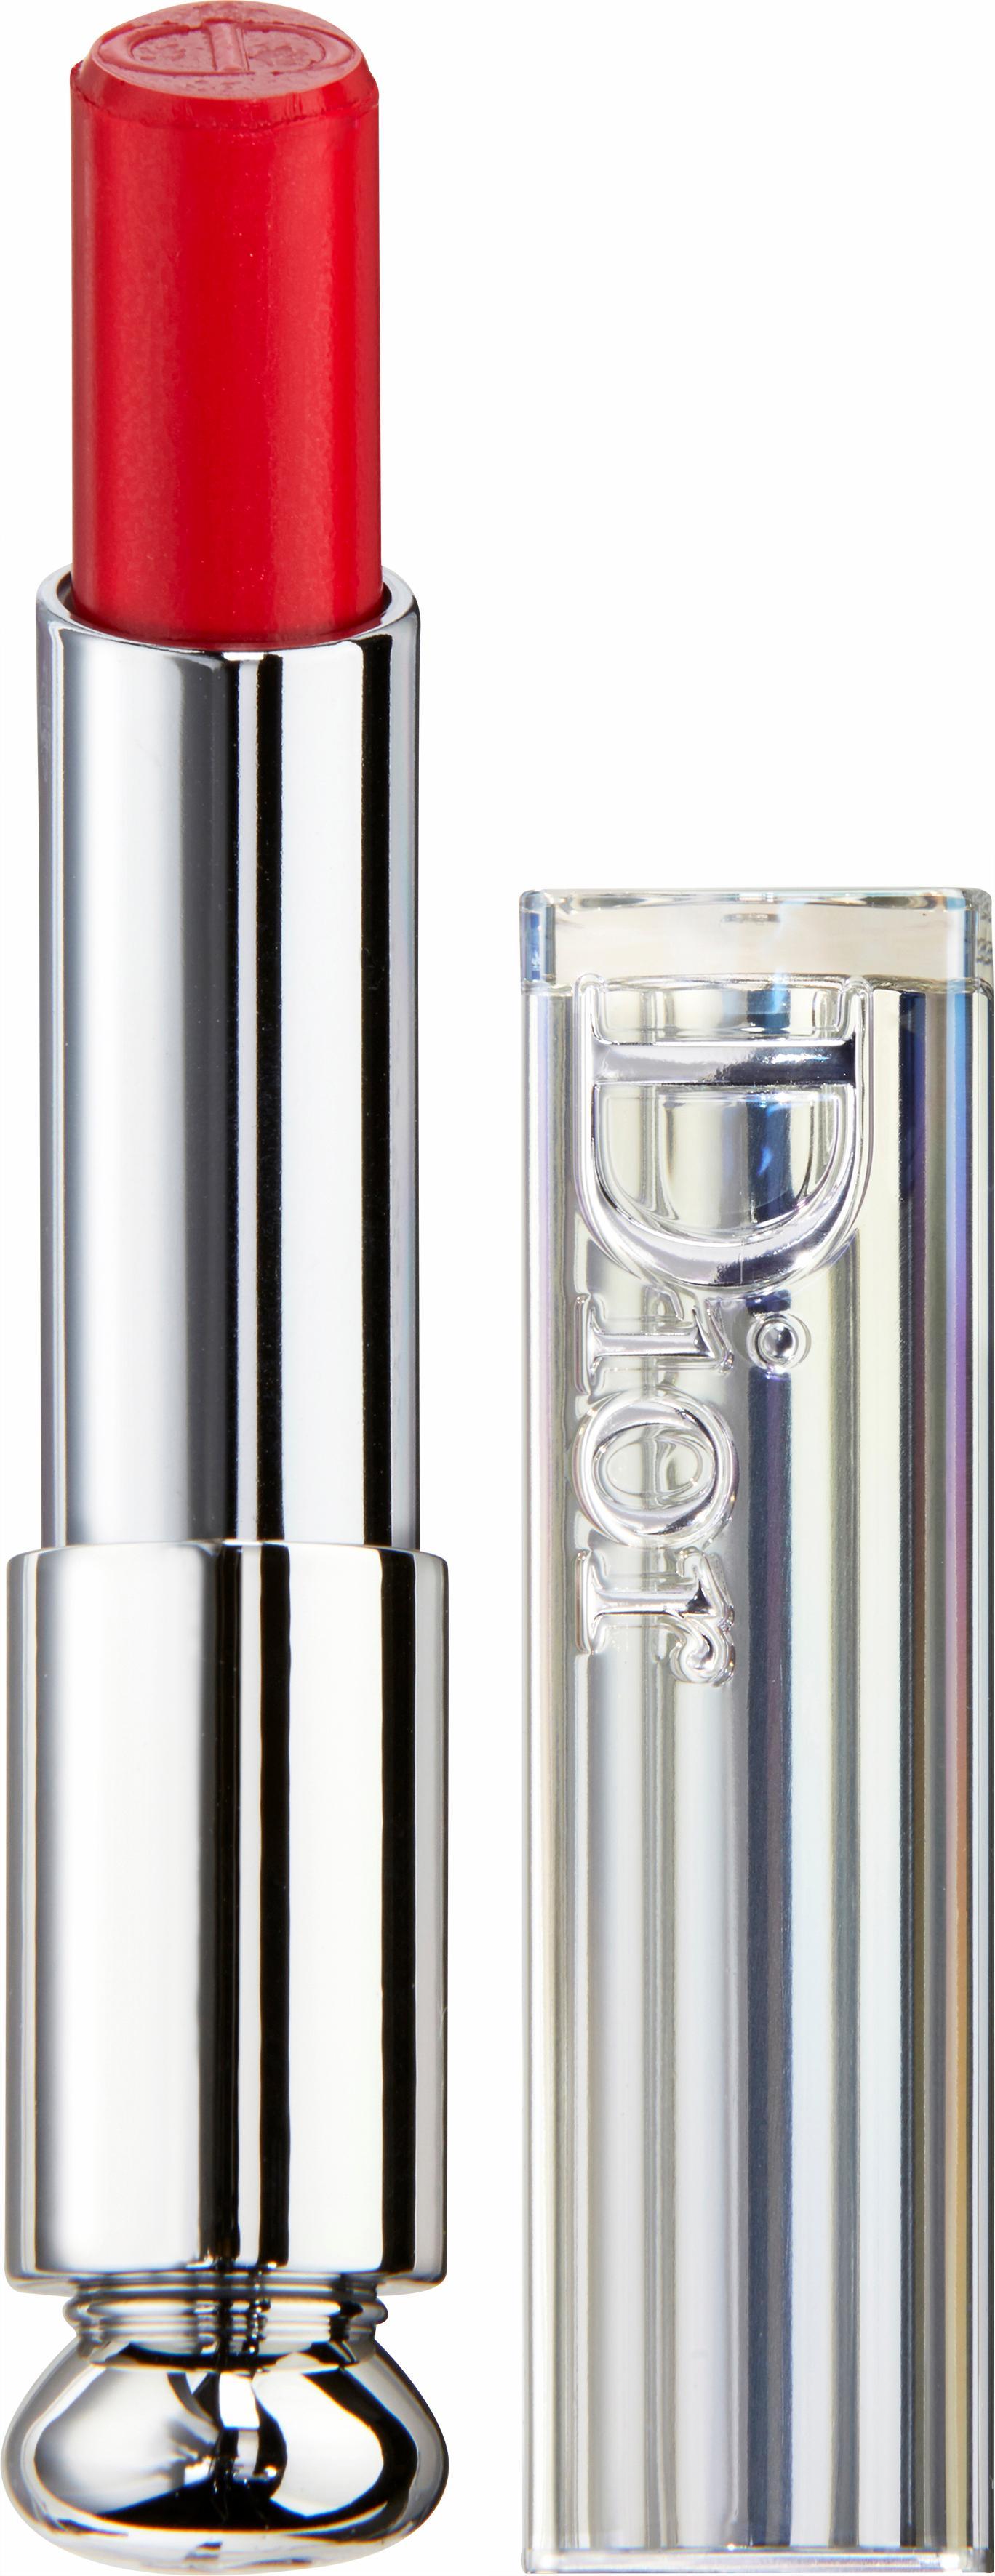 Dior,  Dior Addict , Lippenstift Preisvergleich